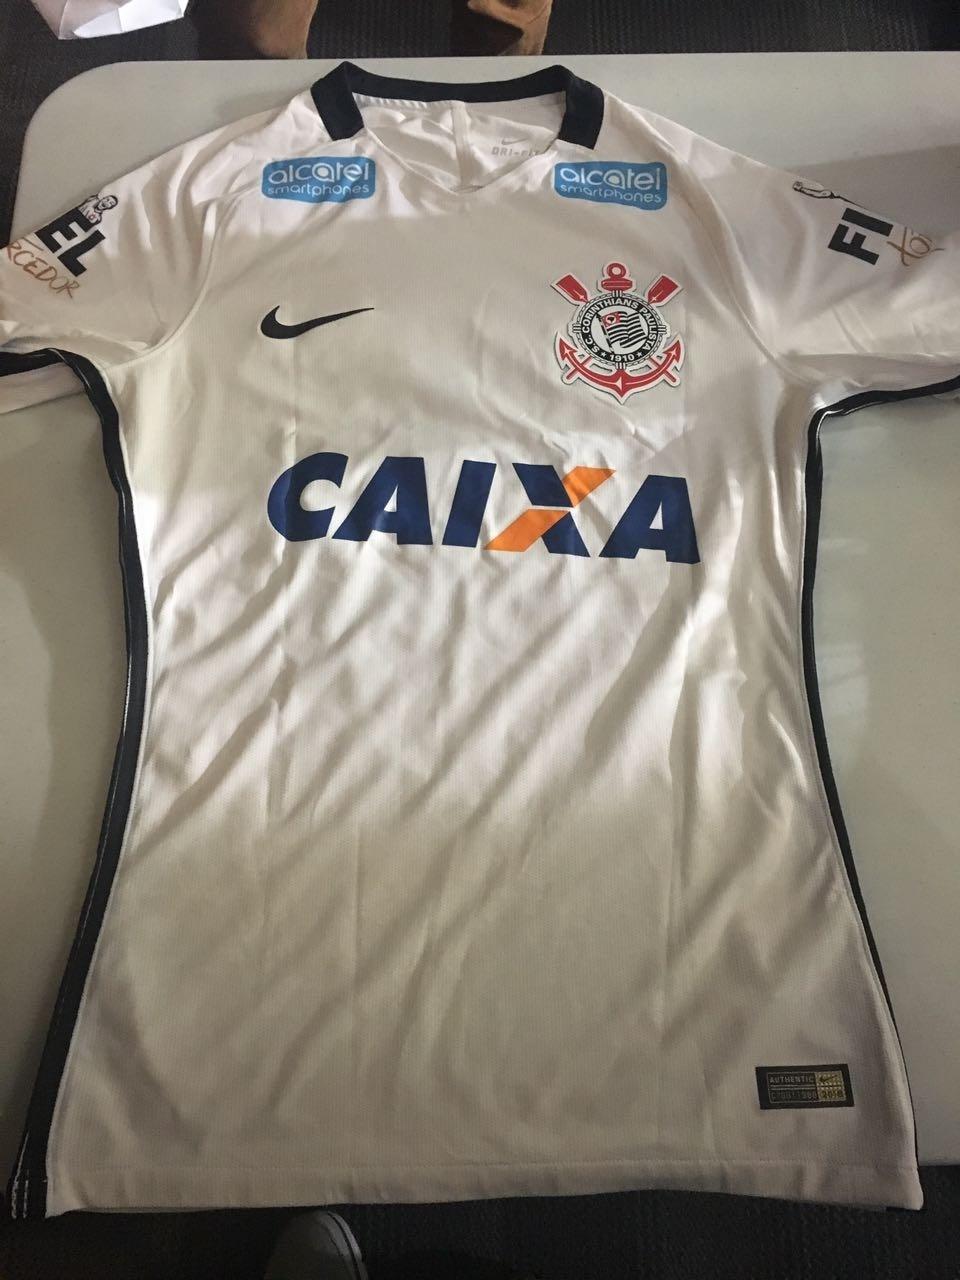 Corinthians anuncia novo patrocinador e já usará camisa com a marca -  16 03 2017 - UOL Esporte 06da5fd19856d